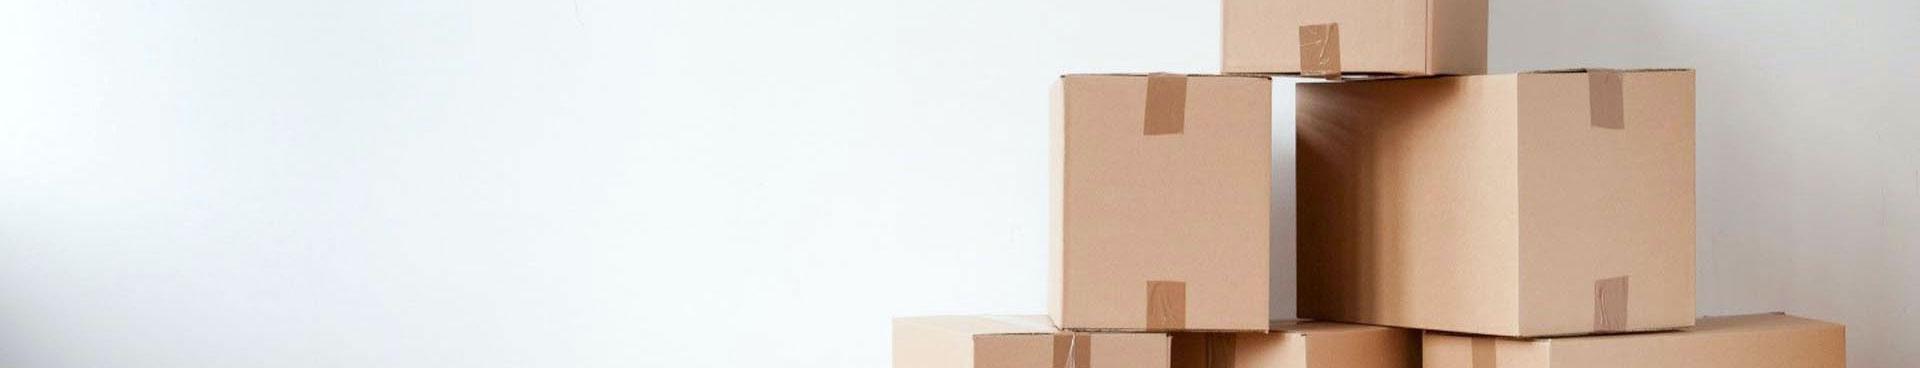 Plusieurs cartons empilés